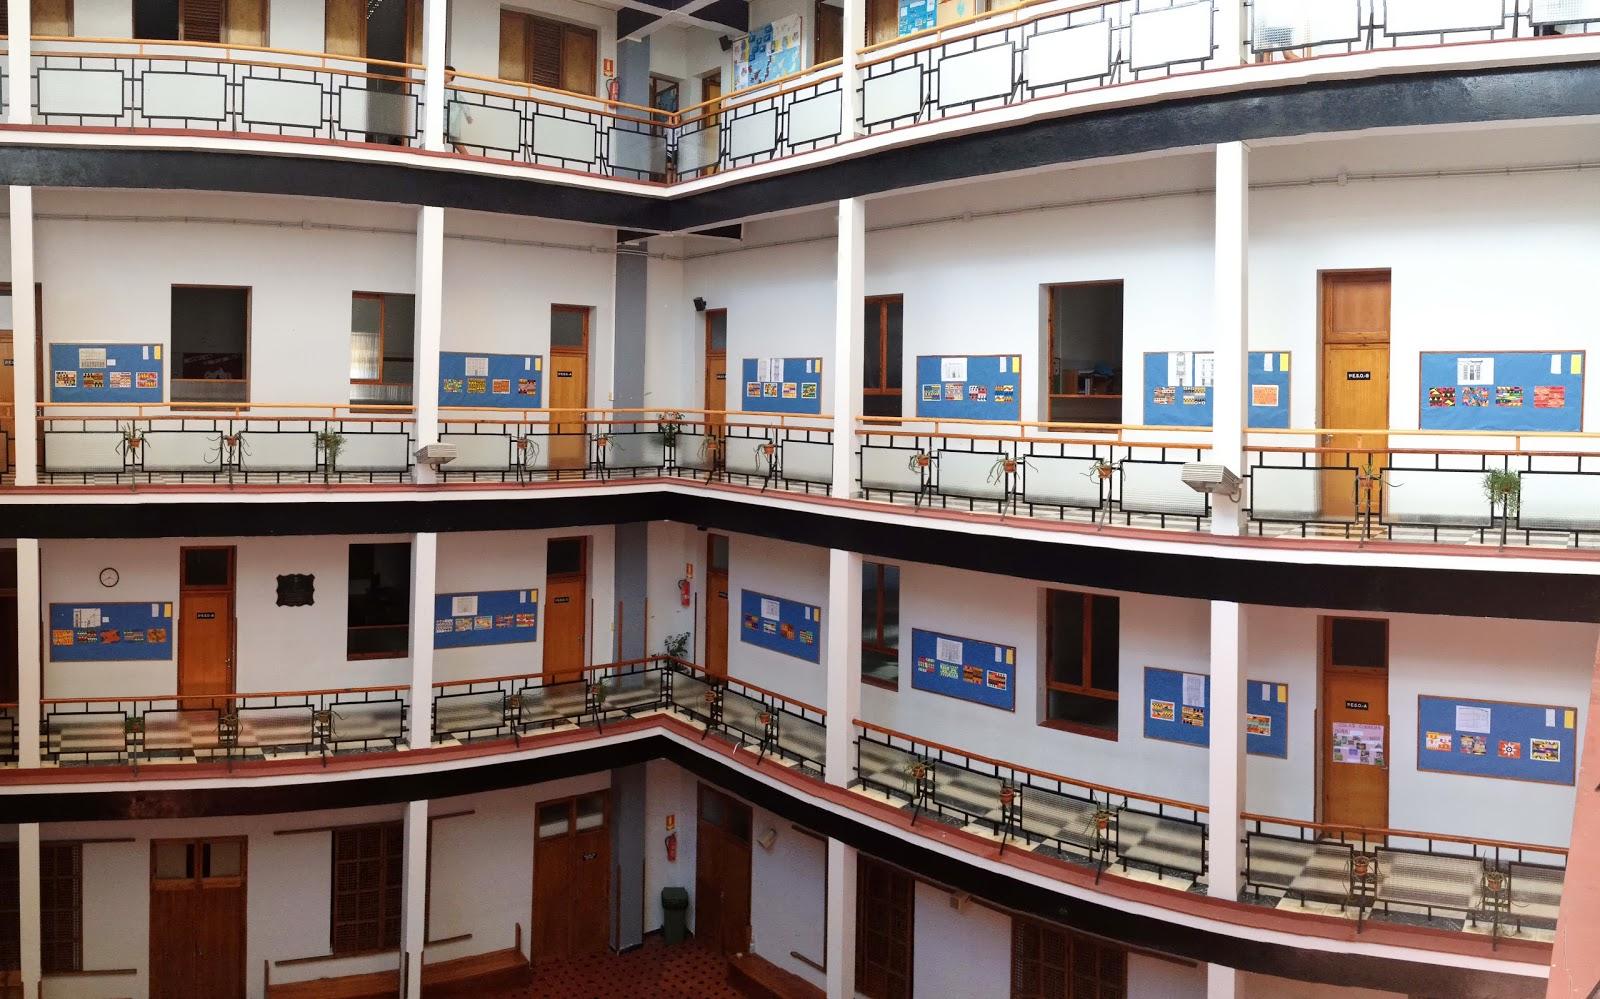 Colegio San José Dominicas: Colegio San José Dominicas: Mayo 2013